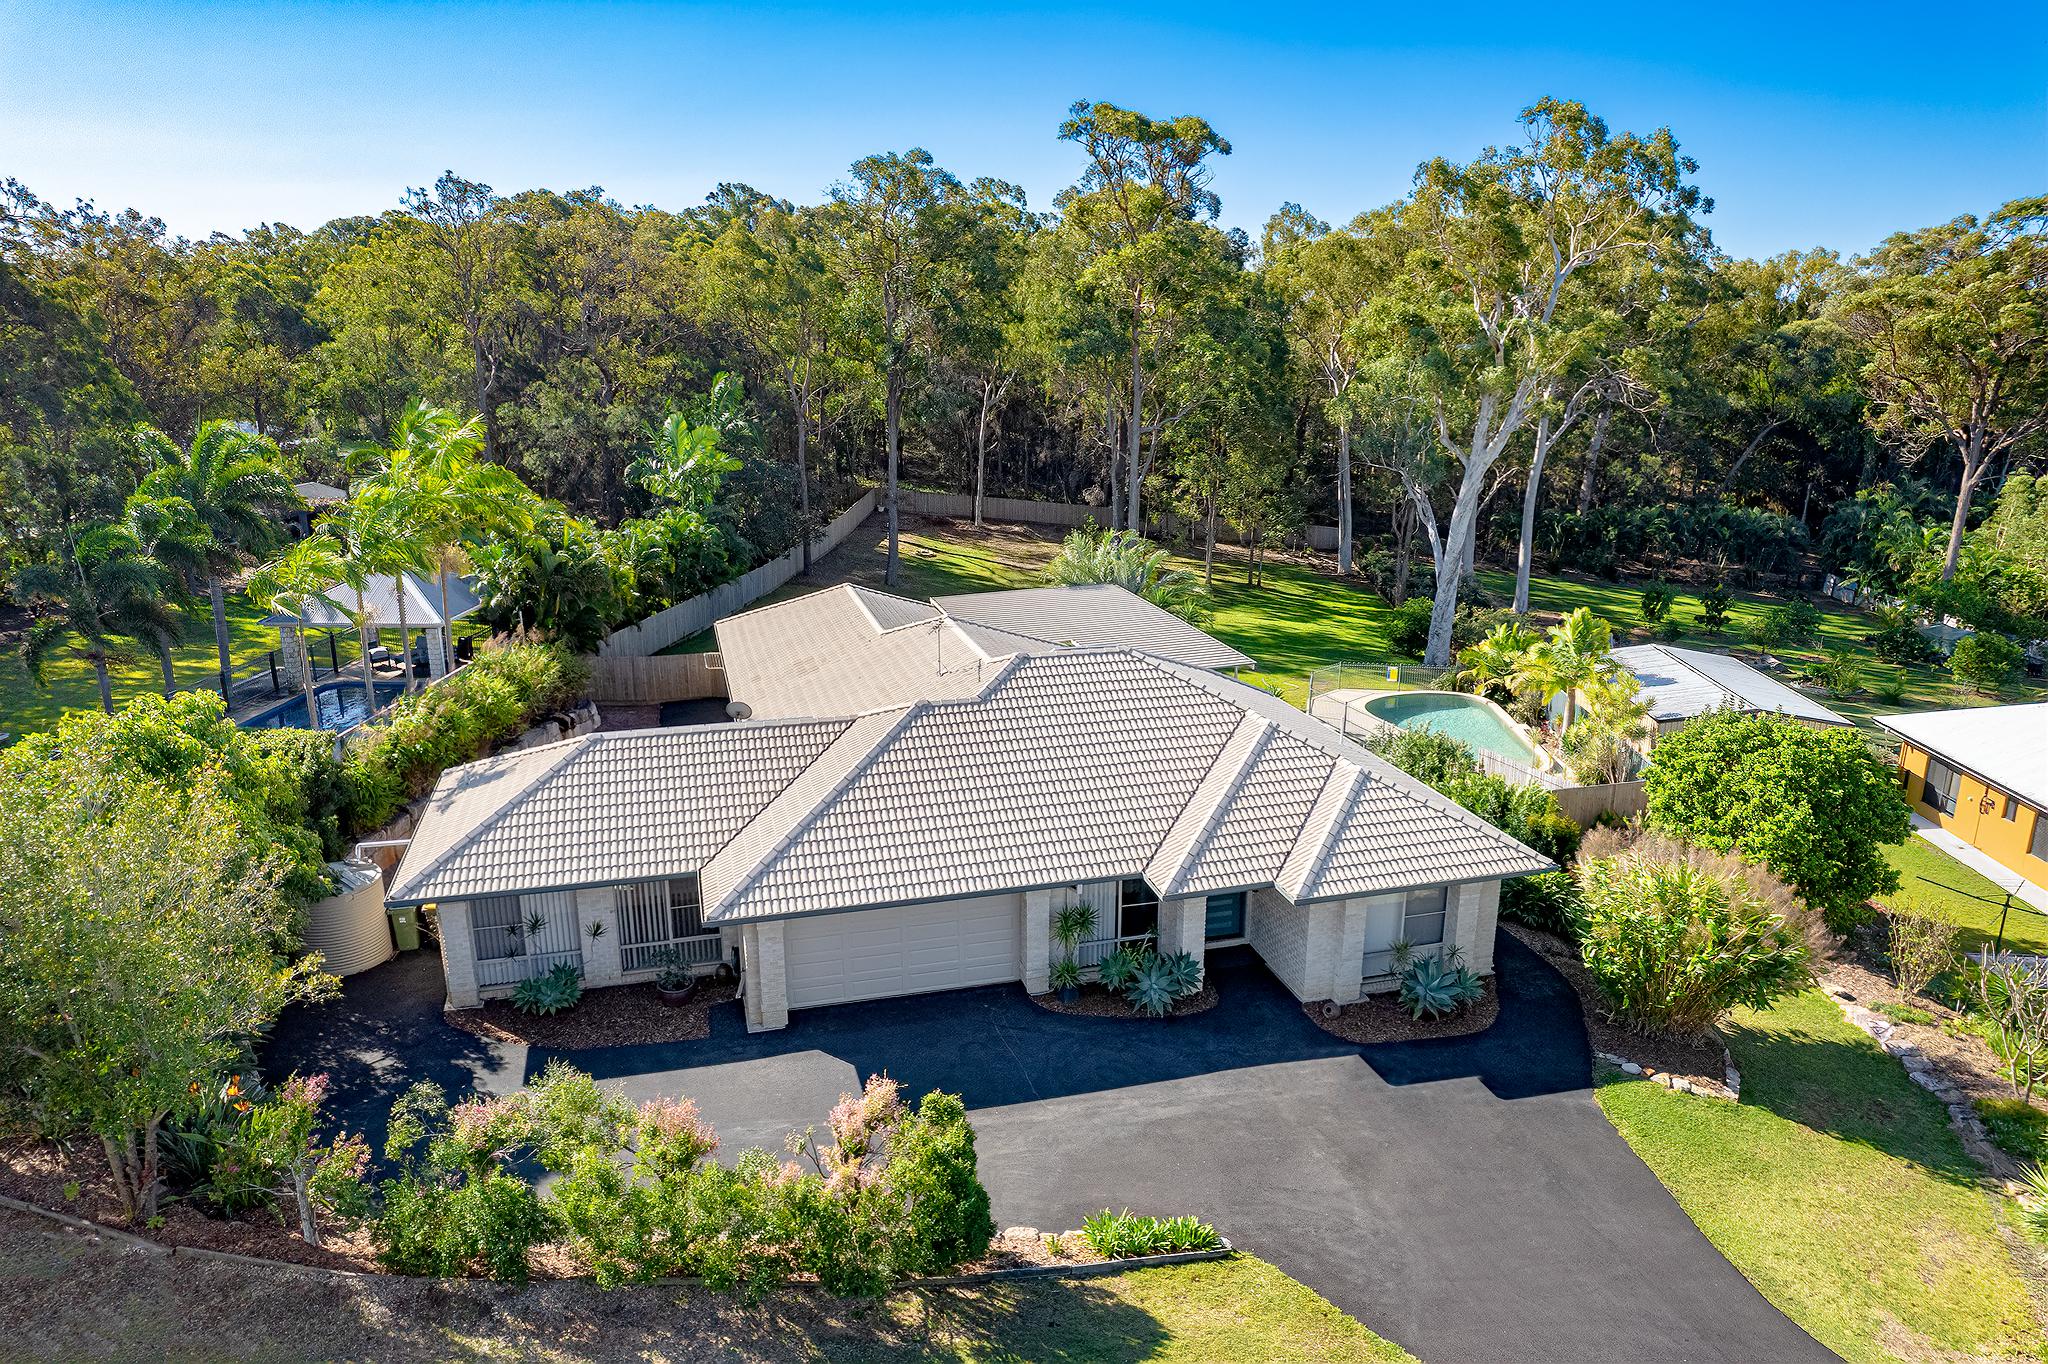 Real Estate Photography Brisbane & Sunshine Coast